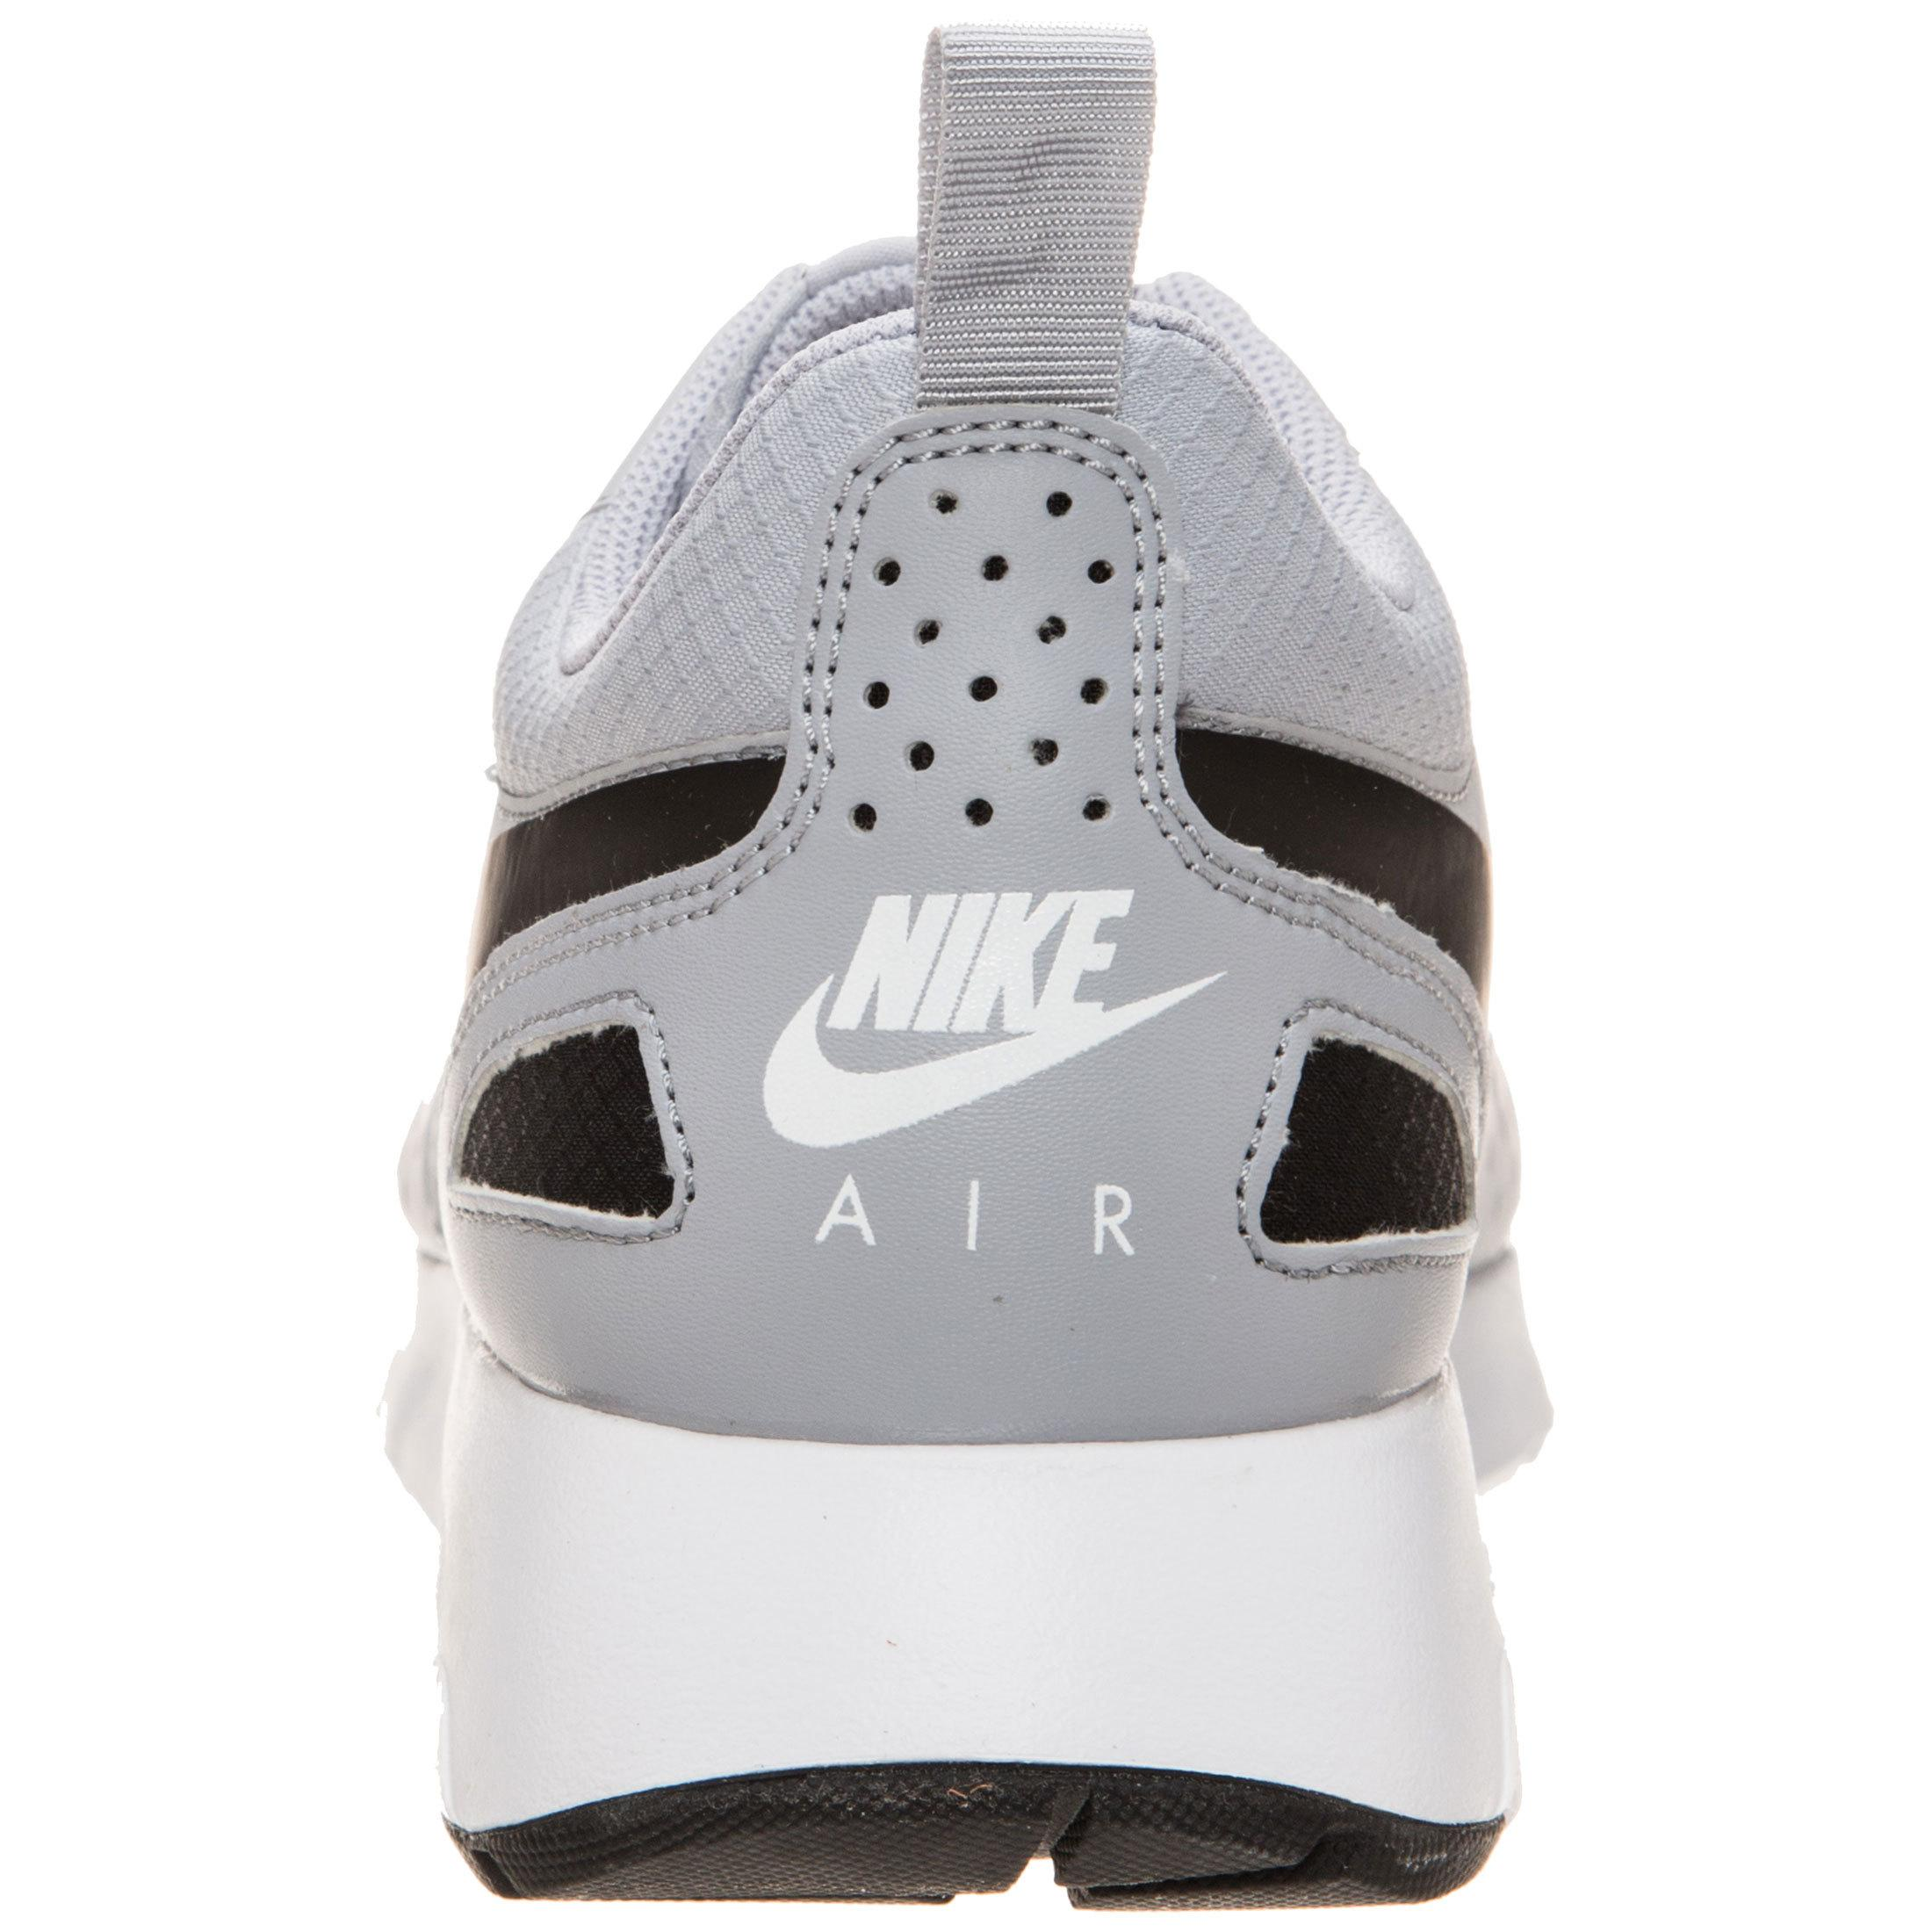 Nike Air Max Vision SE Sneaker Herren Herren Herren grau / weiß im Online Shop von SportScheck kaufen Gute Qualität beliebte Schuhe c4cc65